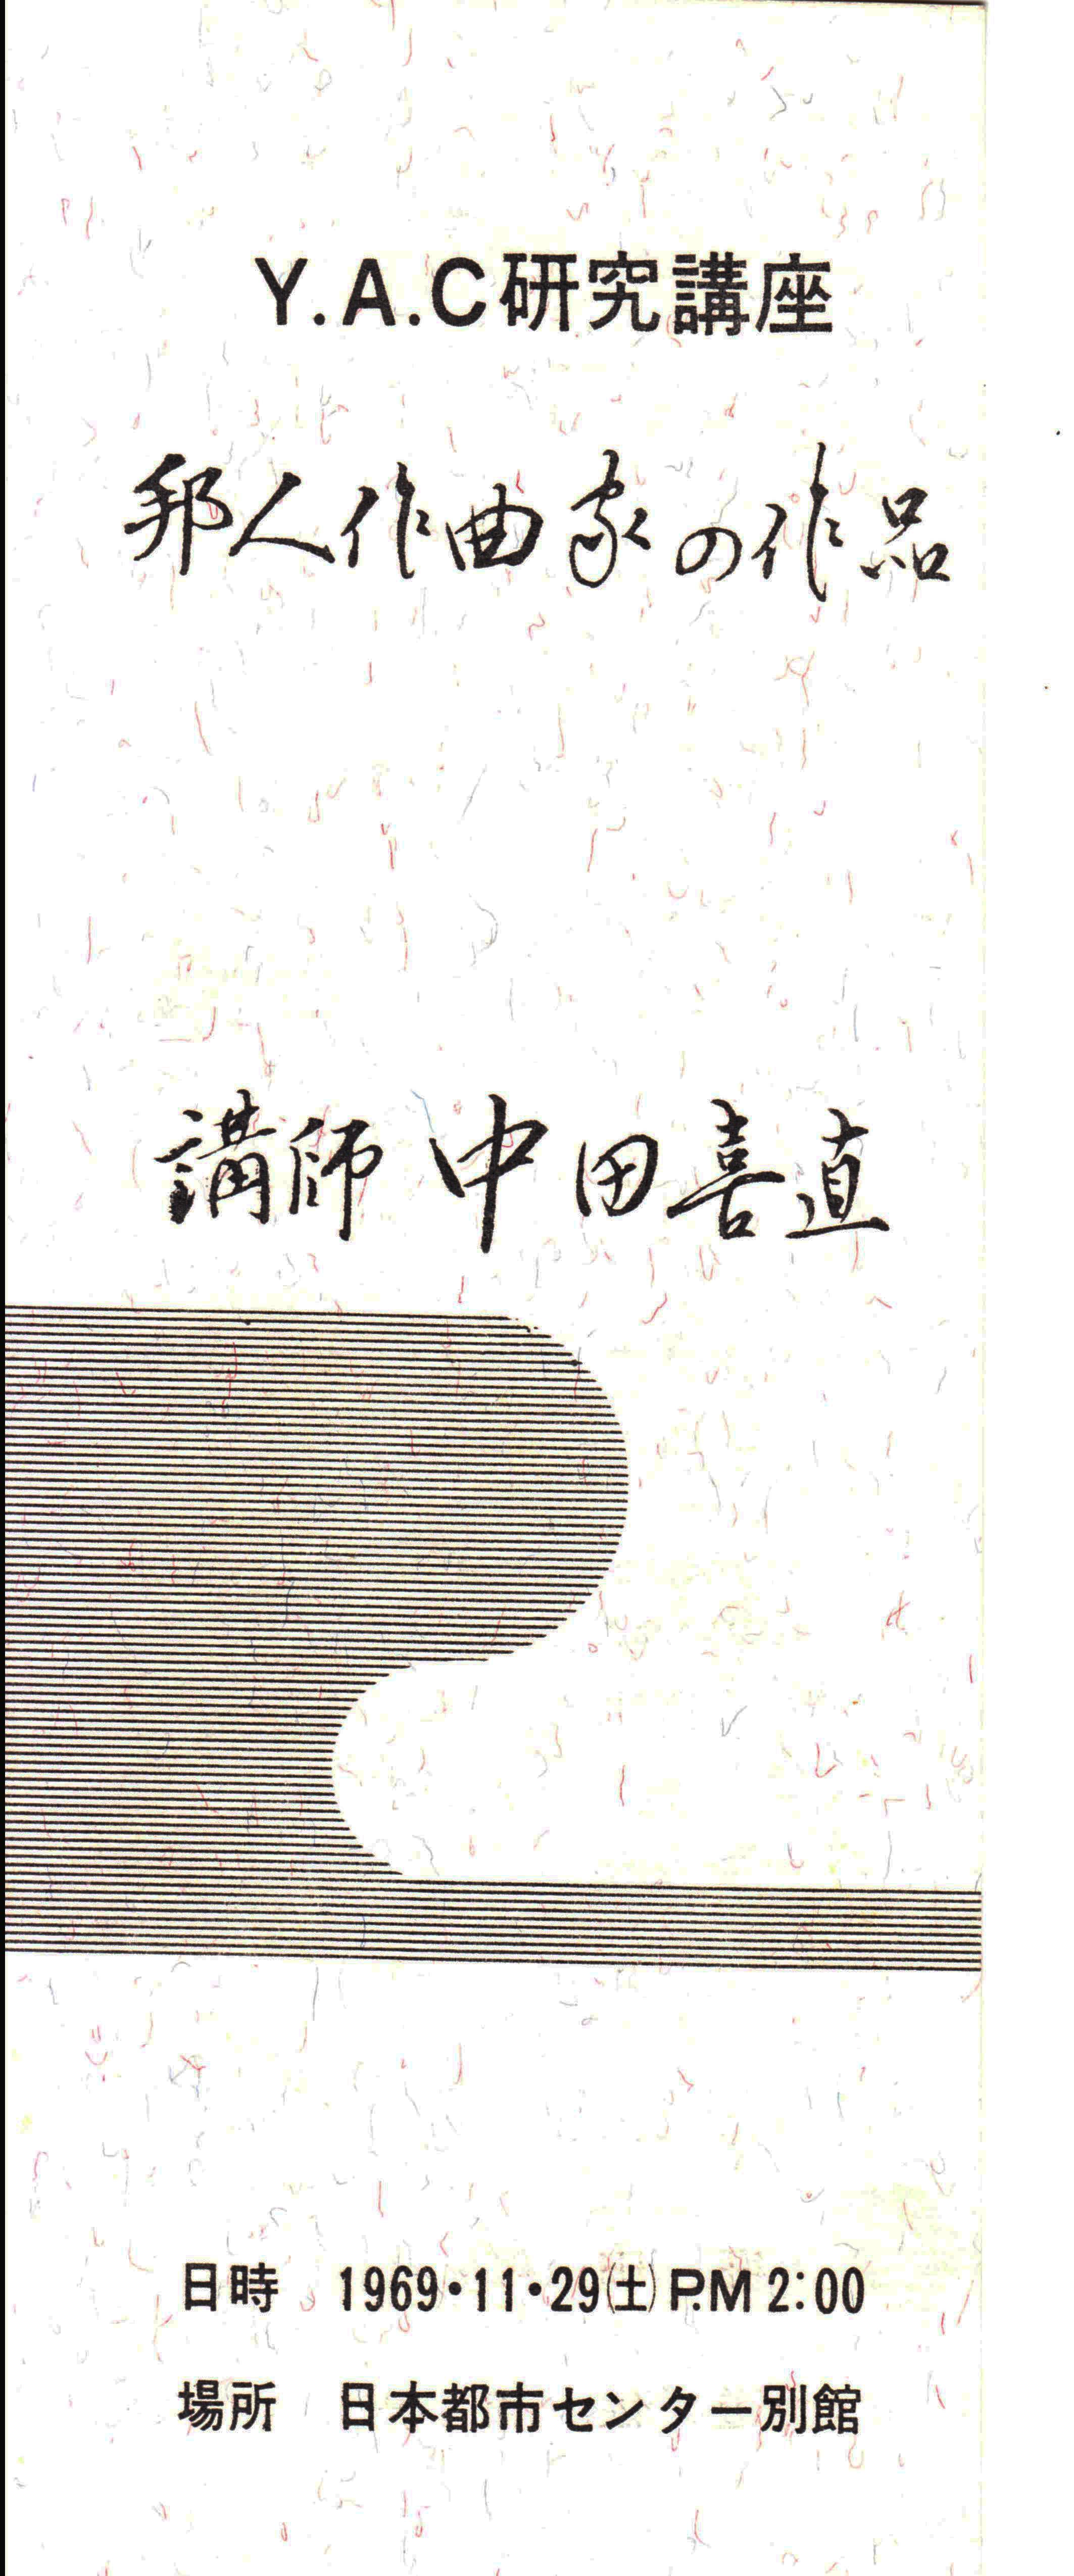 2-1. 中田喜直